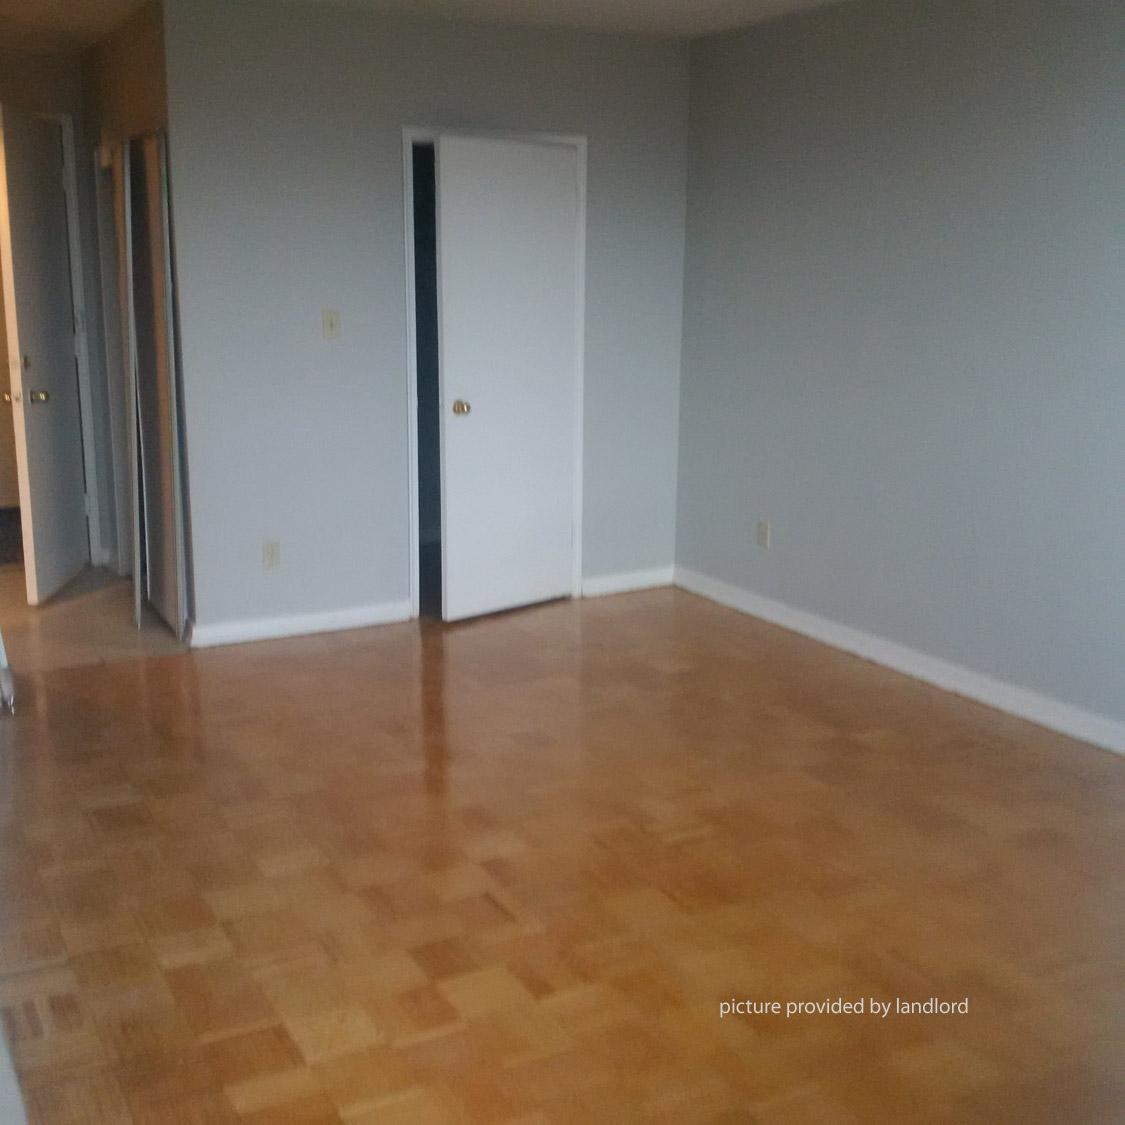 170 Jameson Ave, TORONTO, ON : Bachelor For Rent